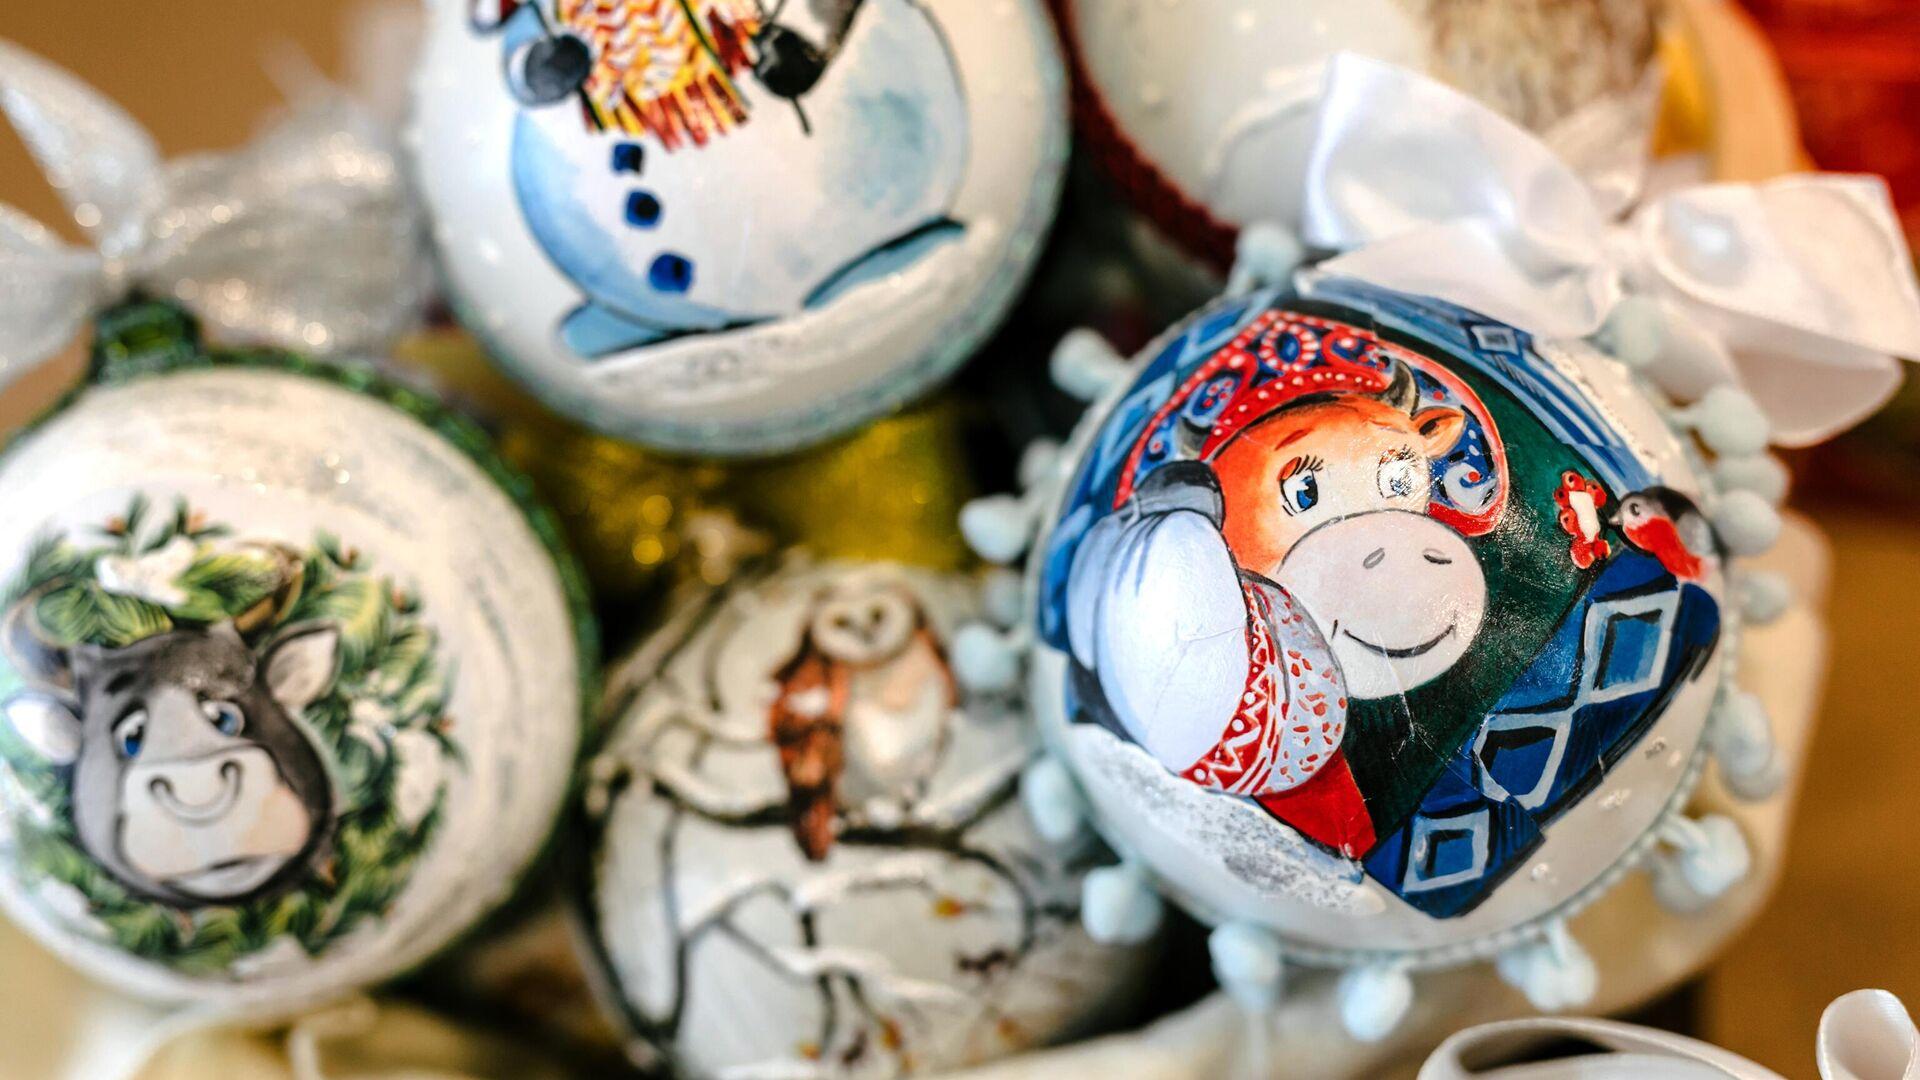 Новогодние игрушки на елку  - РИА Новости, 1920, 30.11.2020